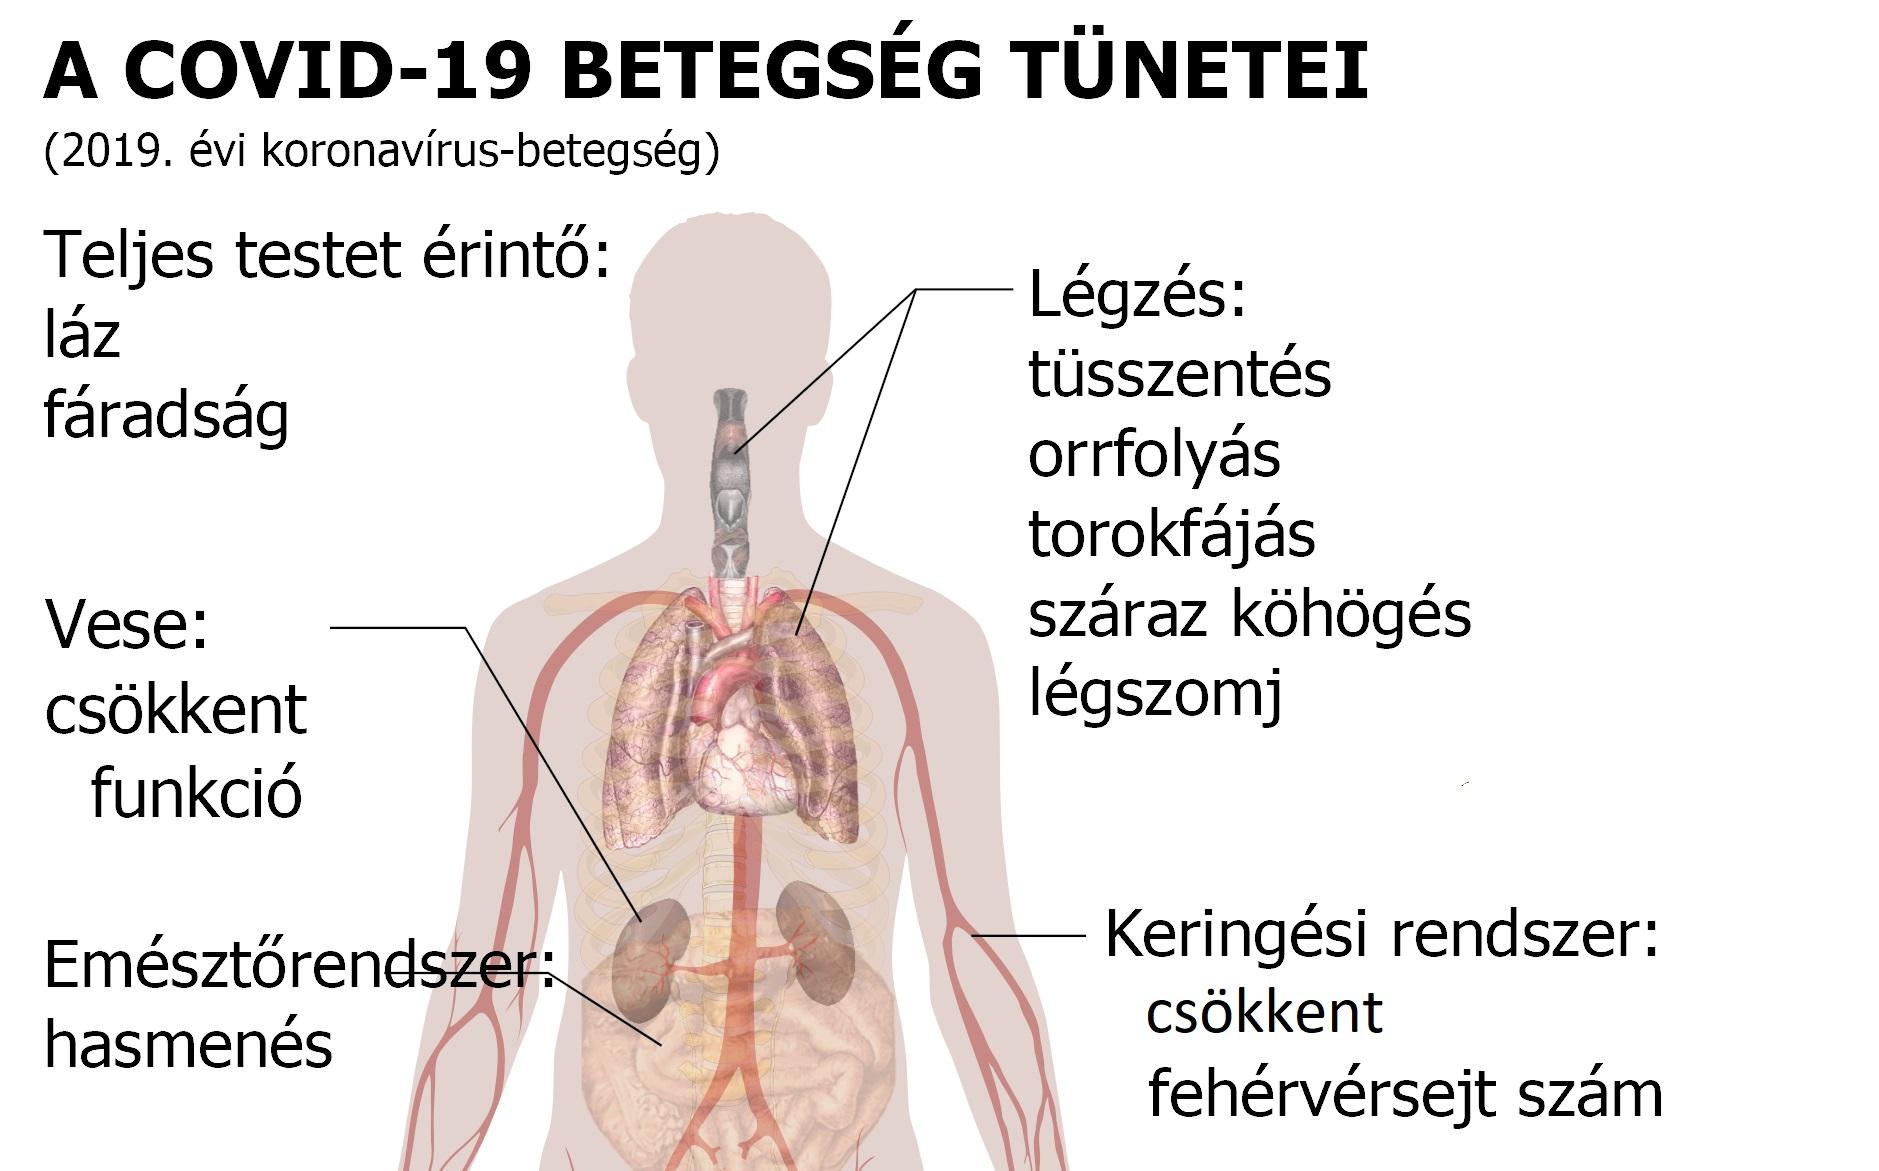 Magas vérnyomás: ezekről a tünetekről ismerheti fel